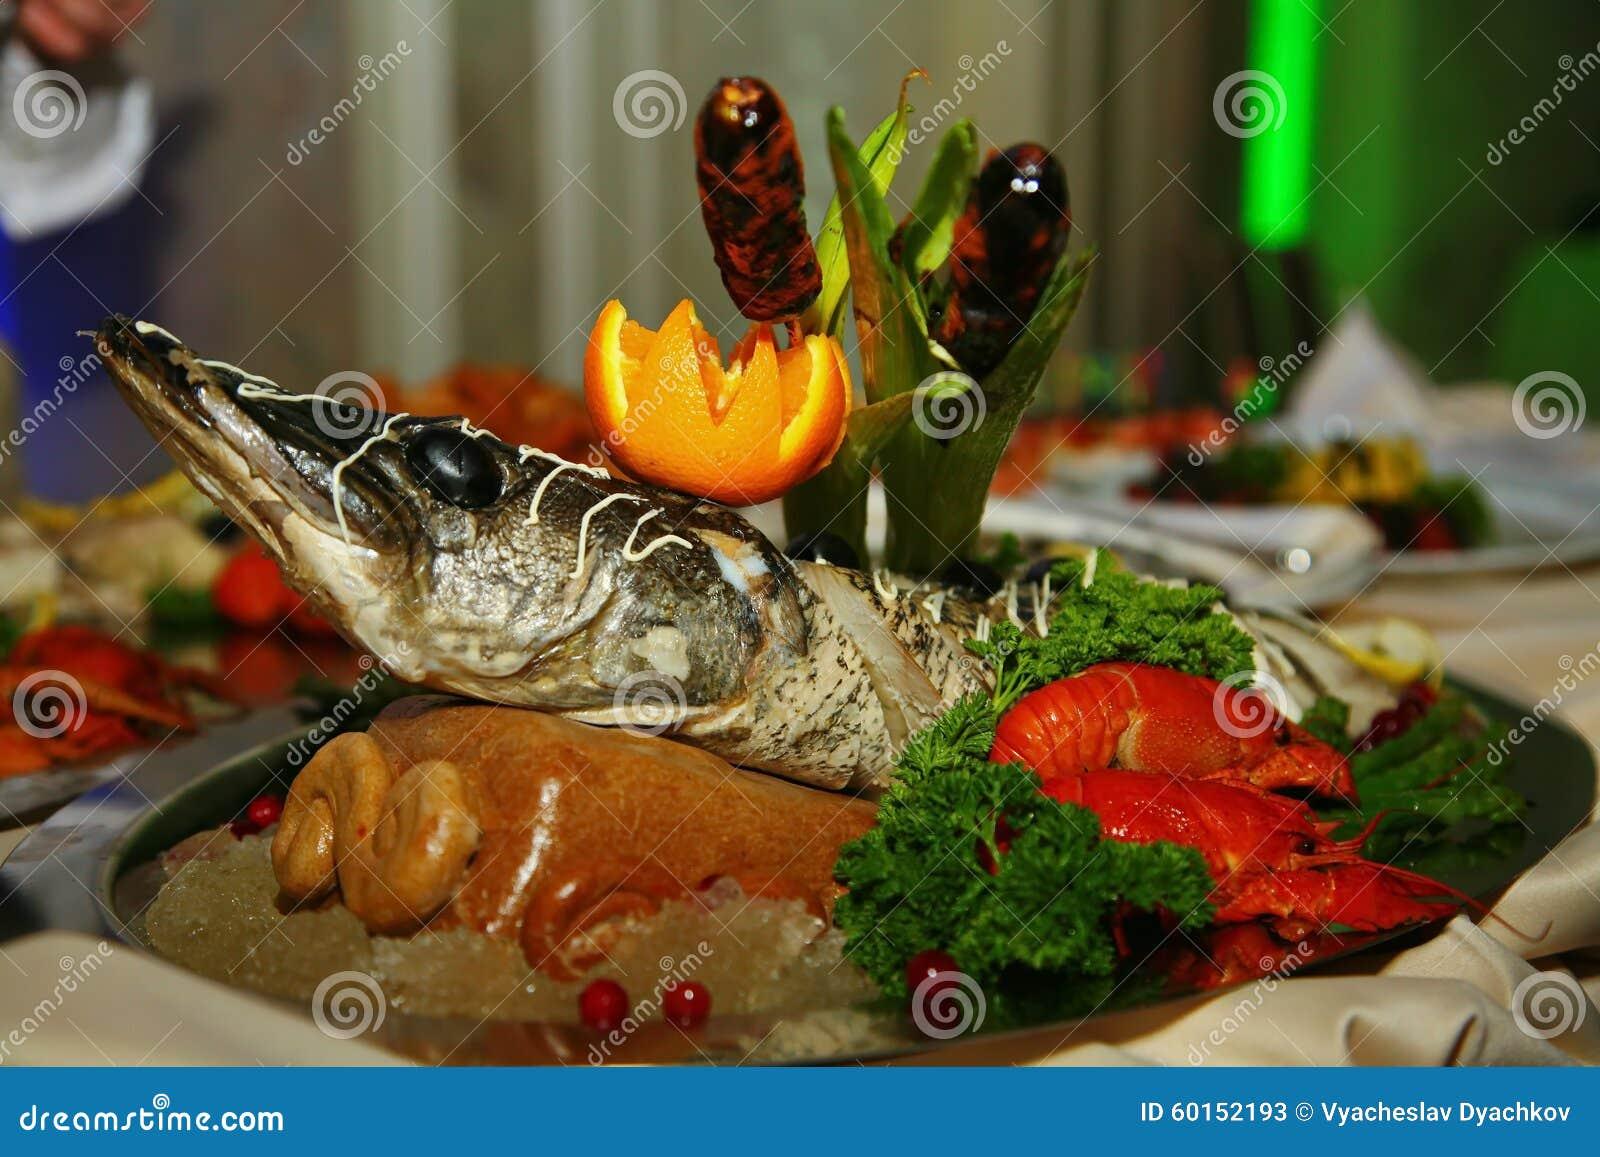 Artistiquement décorée du sterlet de poissons de Gefilte cuit au four entièrement est une délicatesse du chef - un plat de venais